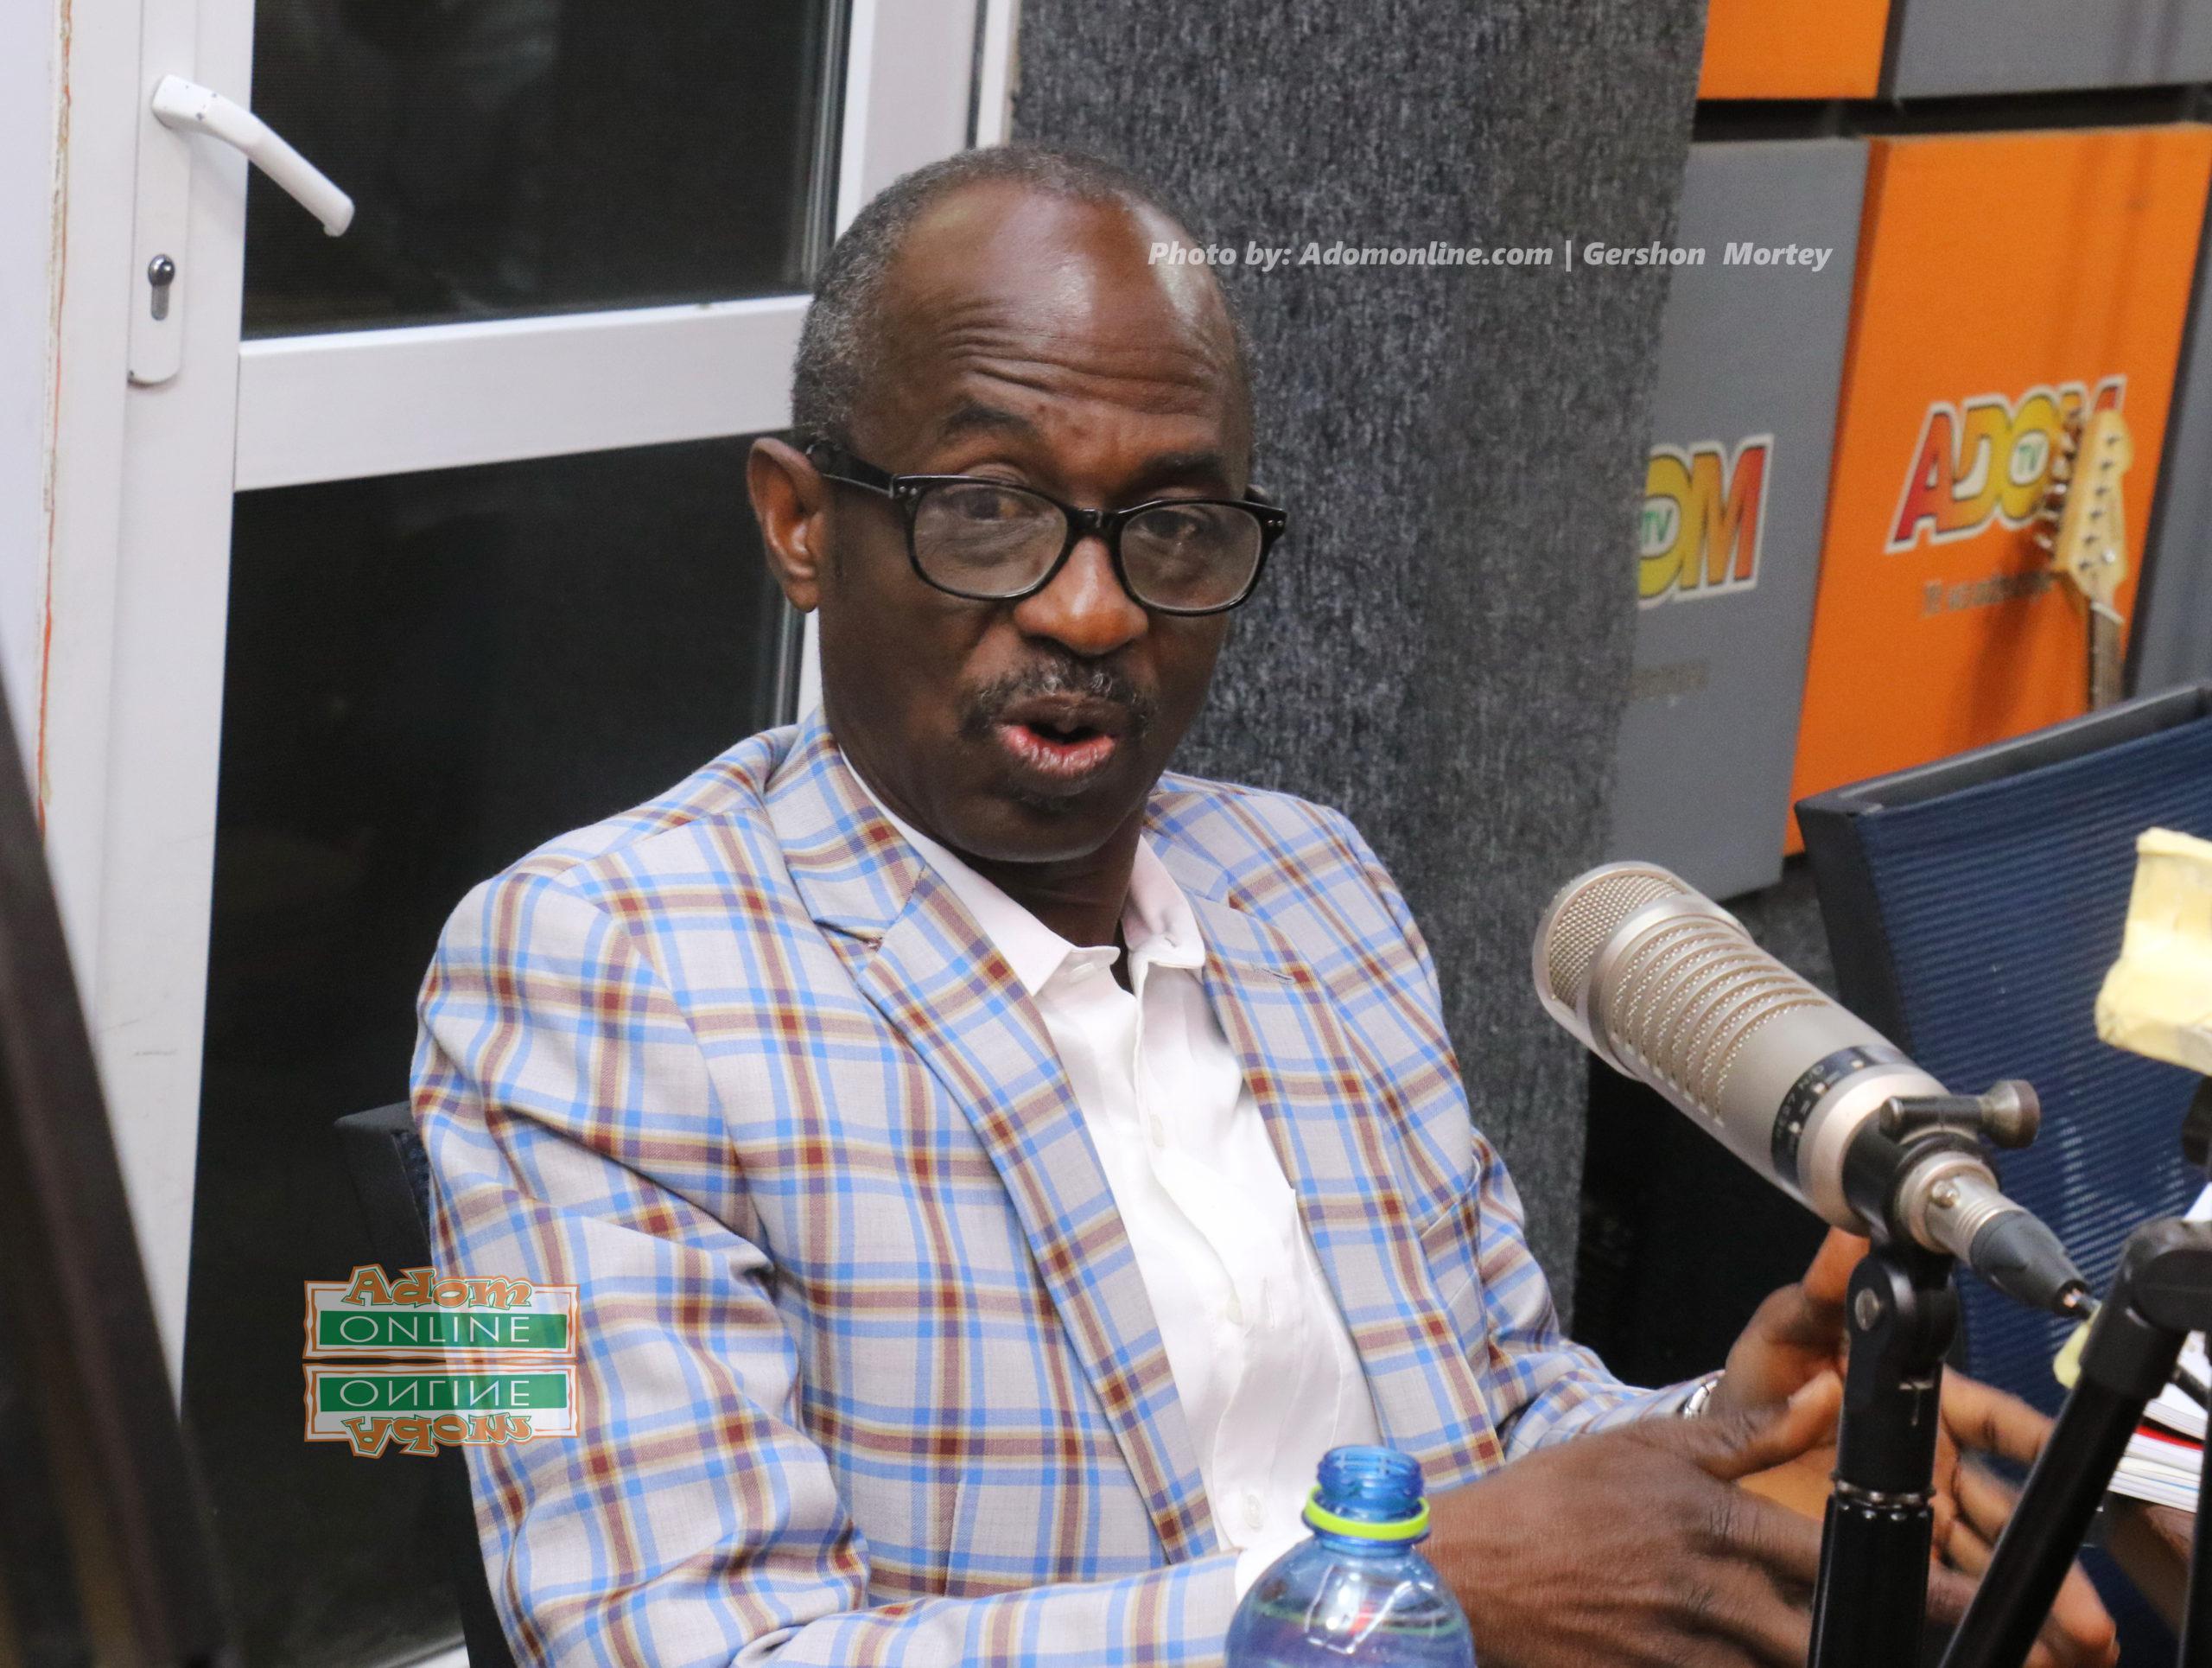 Caleb arrest: Your silence encouraged govt's abuse – Asiedu Nketiah to Ghanaians. 46